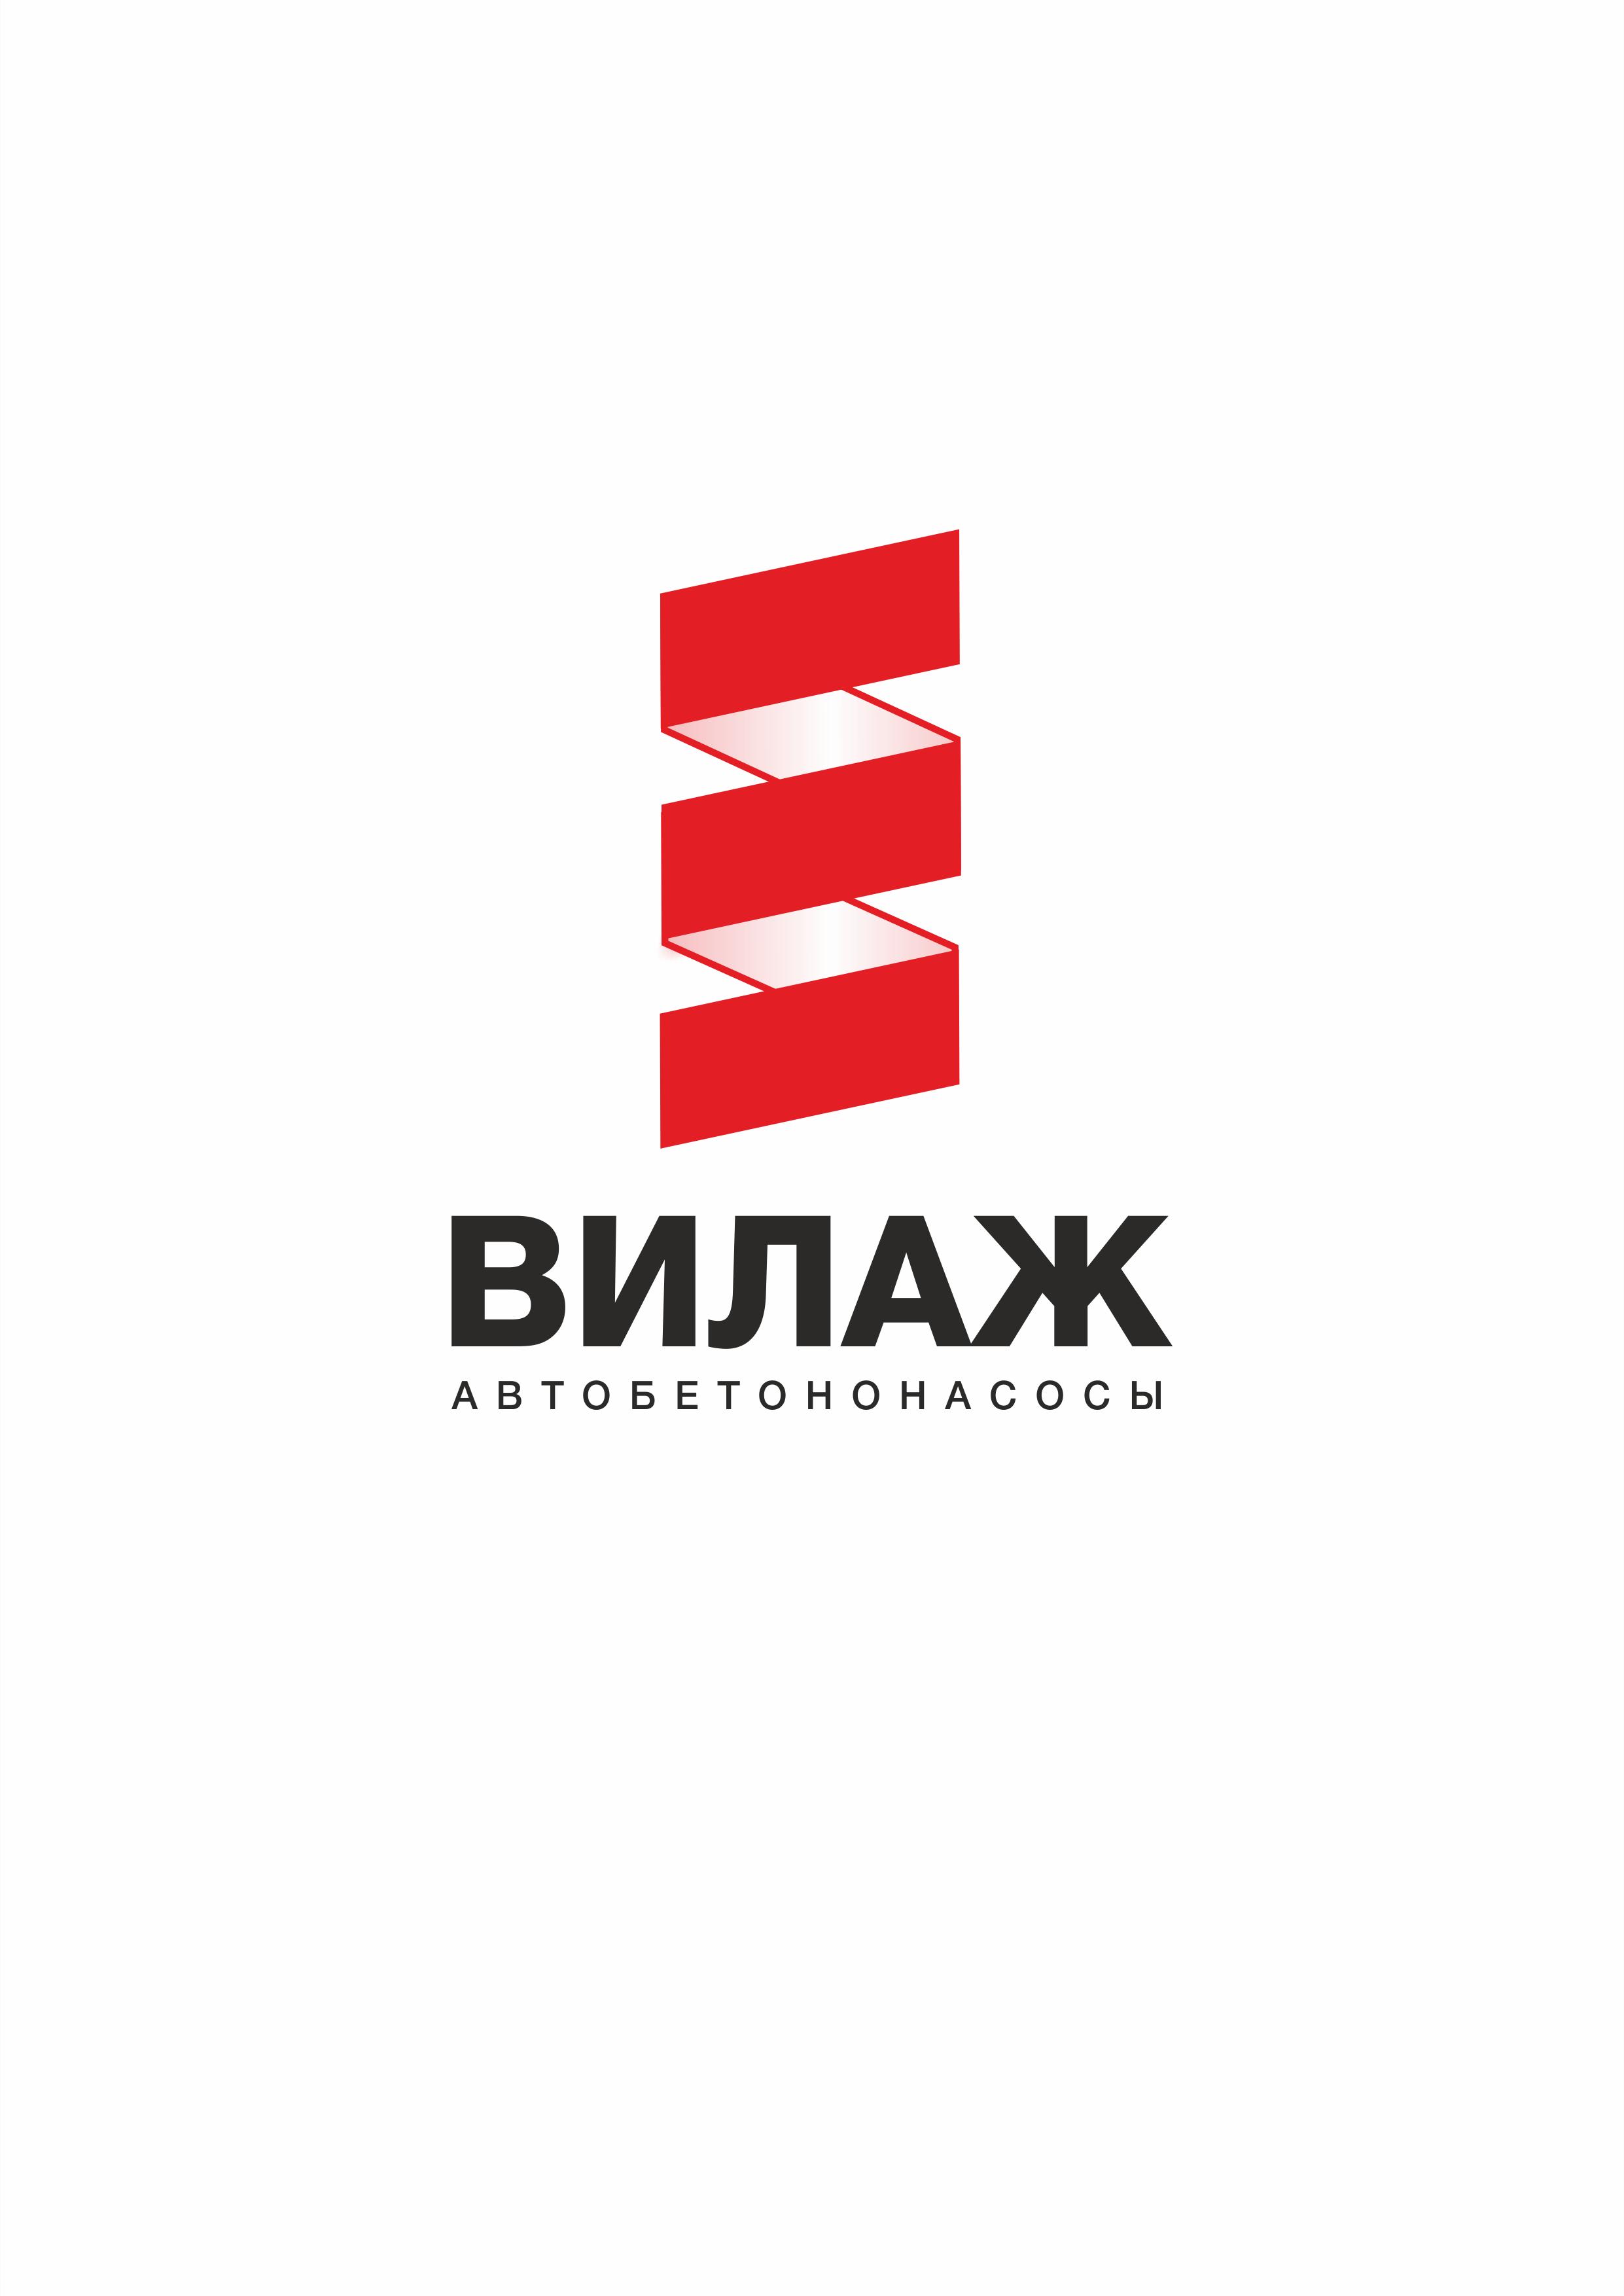 Логотип для компании по аренде спец.техники фото f_4455999b829e4b36.png